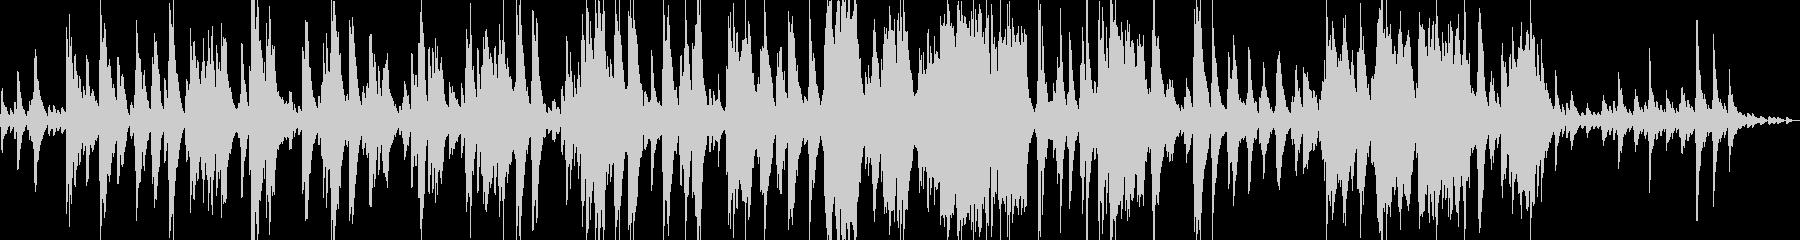 闇の彼方へをイメージしたピアノソロの未再生の波形